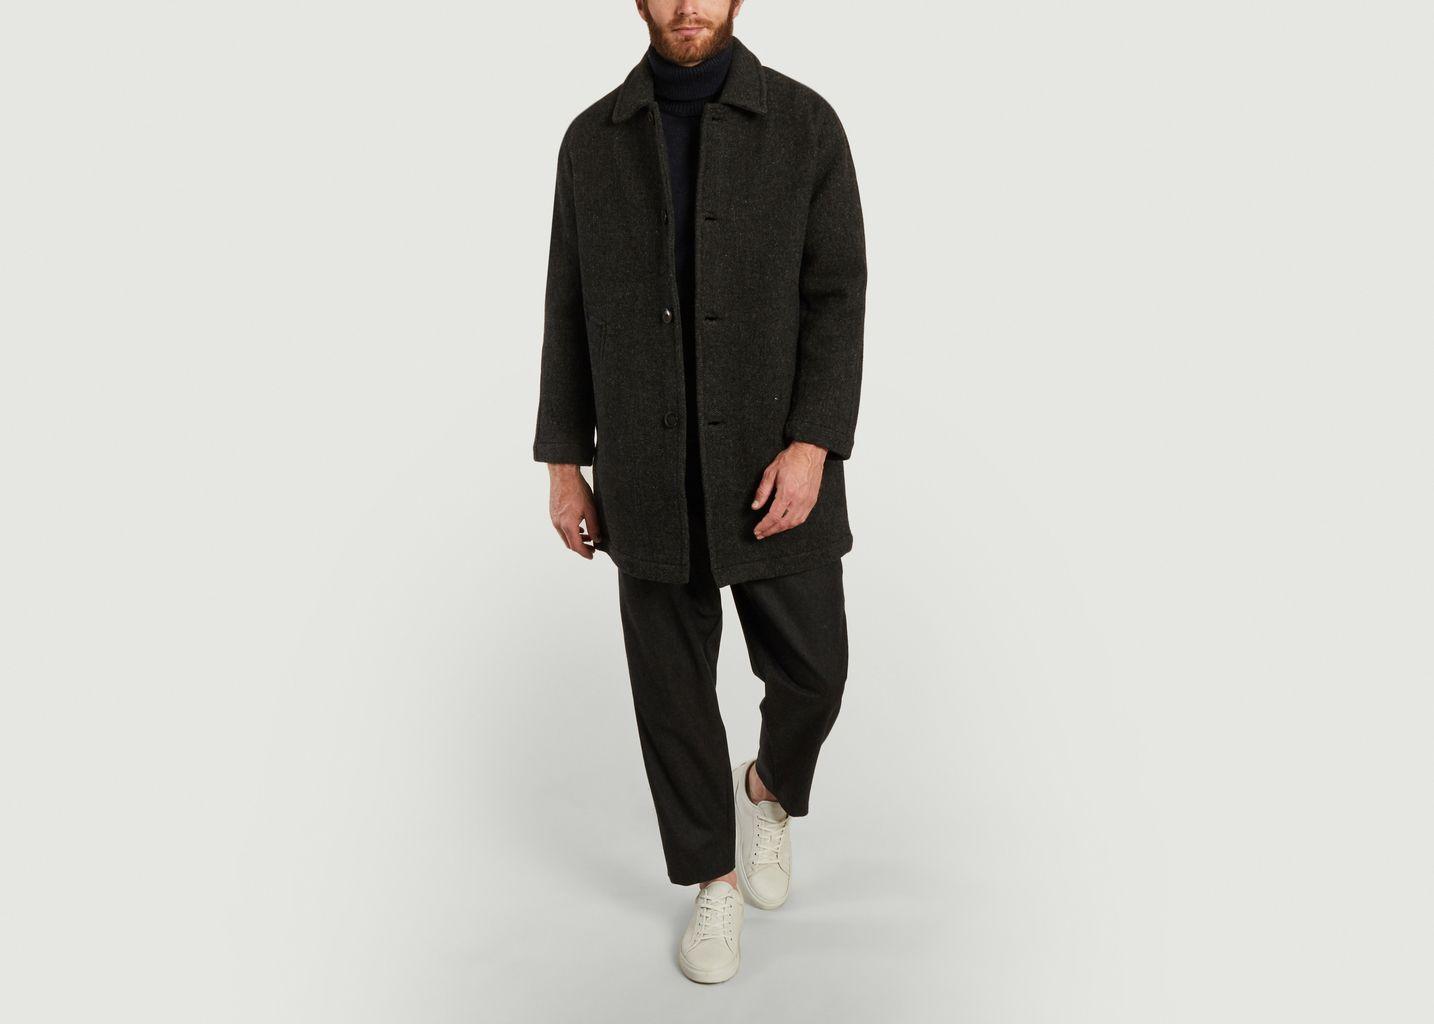 Manteau ample en laine mérinos Caufield - Outland